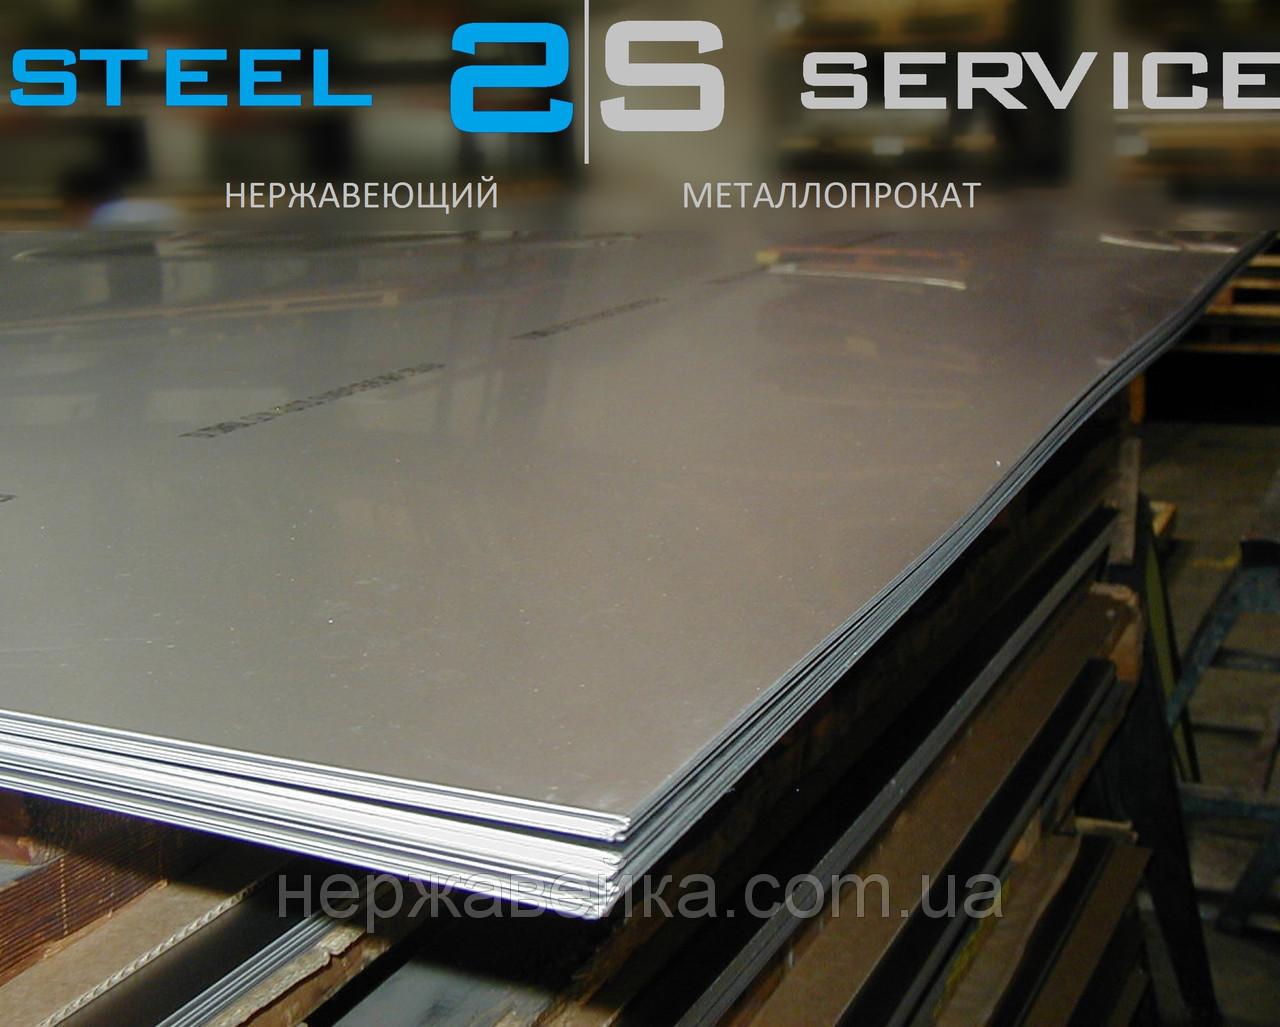 Нержавеющий лист 5х1500х6000мм  AISI 316Ti(10Х17Н13М2Т) F1 - горячекатанный,  кислотостойкий